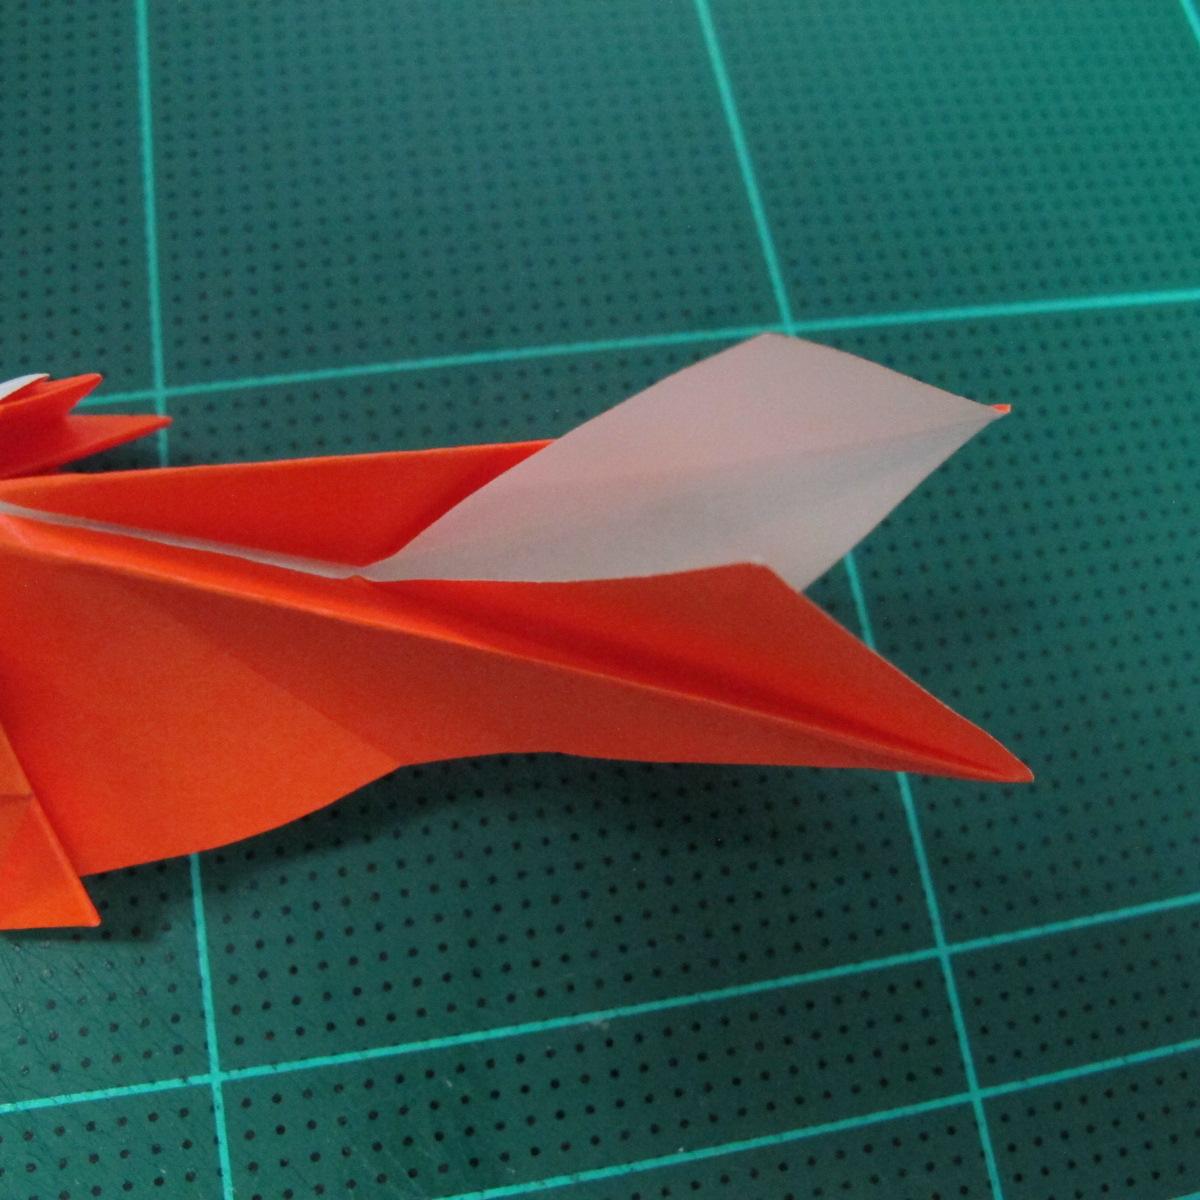 การพับกระดาษเป็นรูปปลาทอง (Origami Goldfish) 023